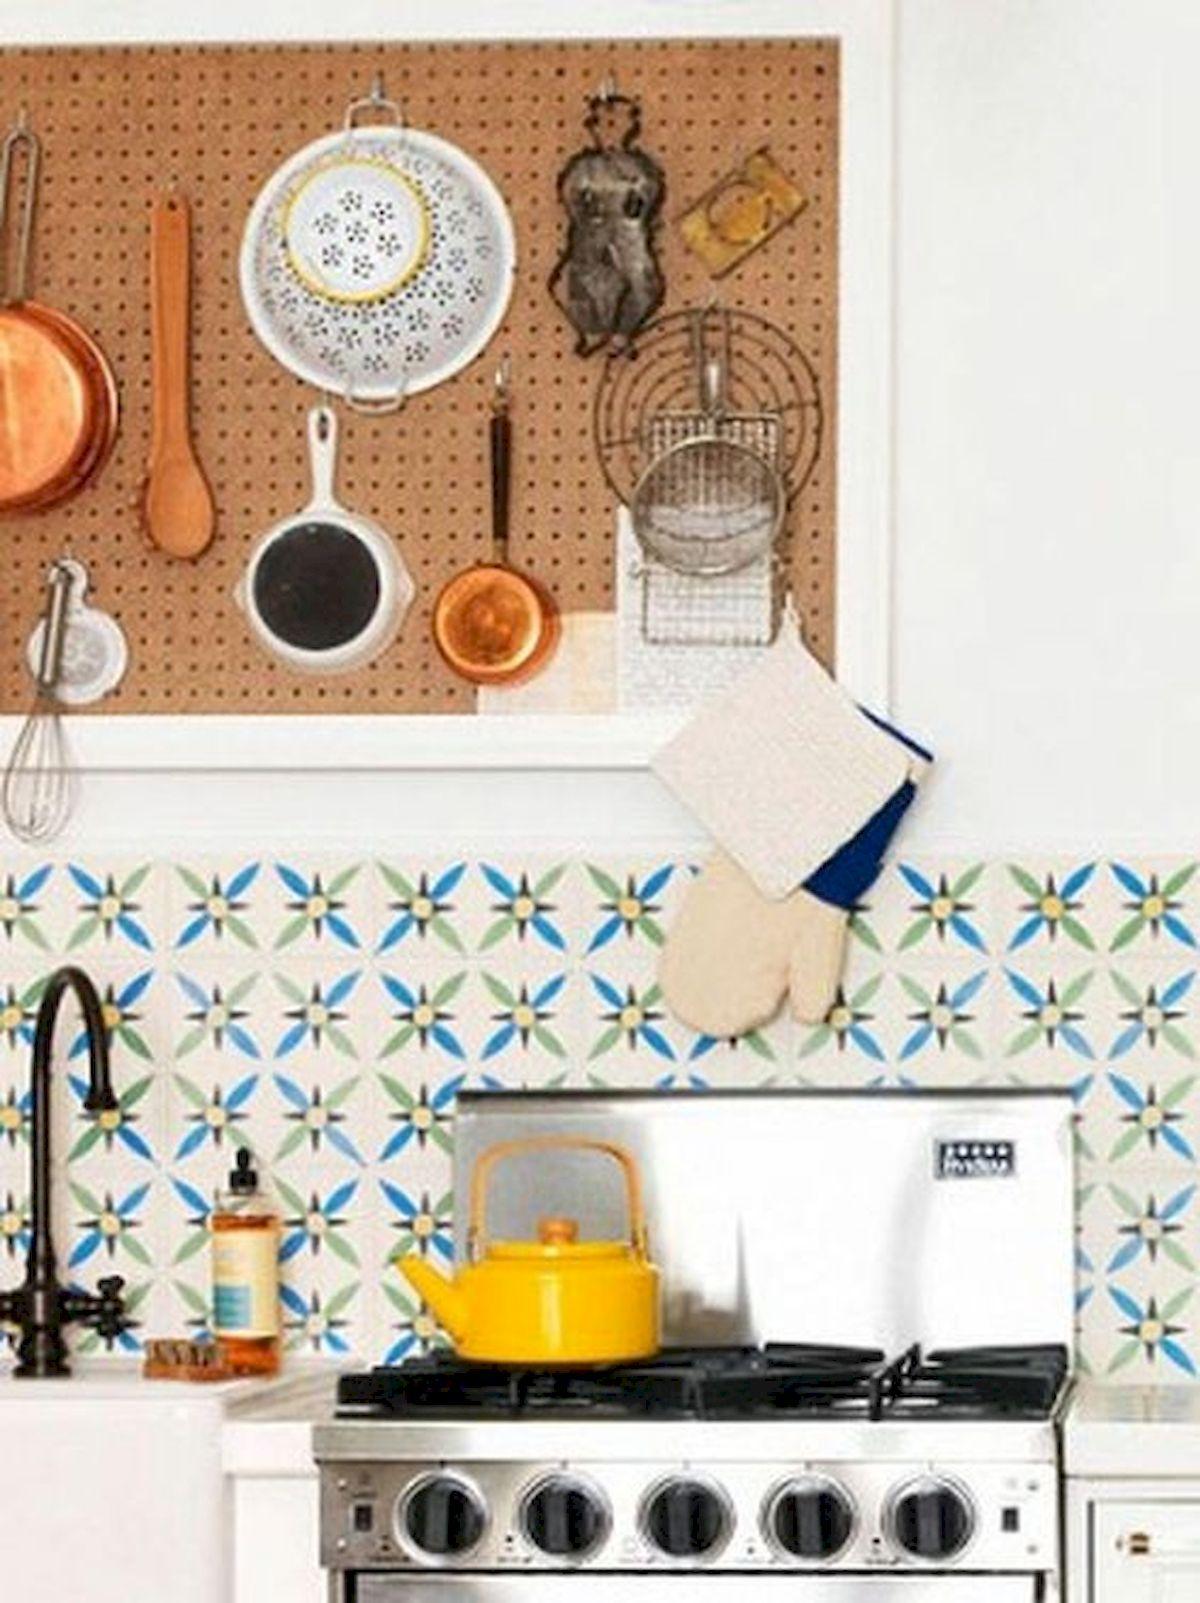 46 Creative DIY Small Kitchen Storage Ideas (24)